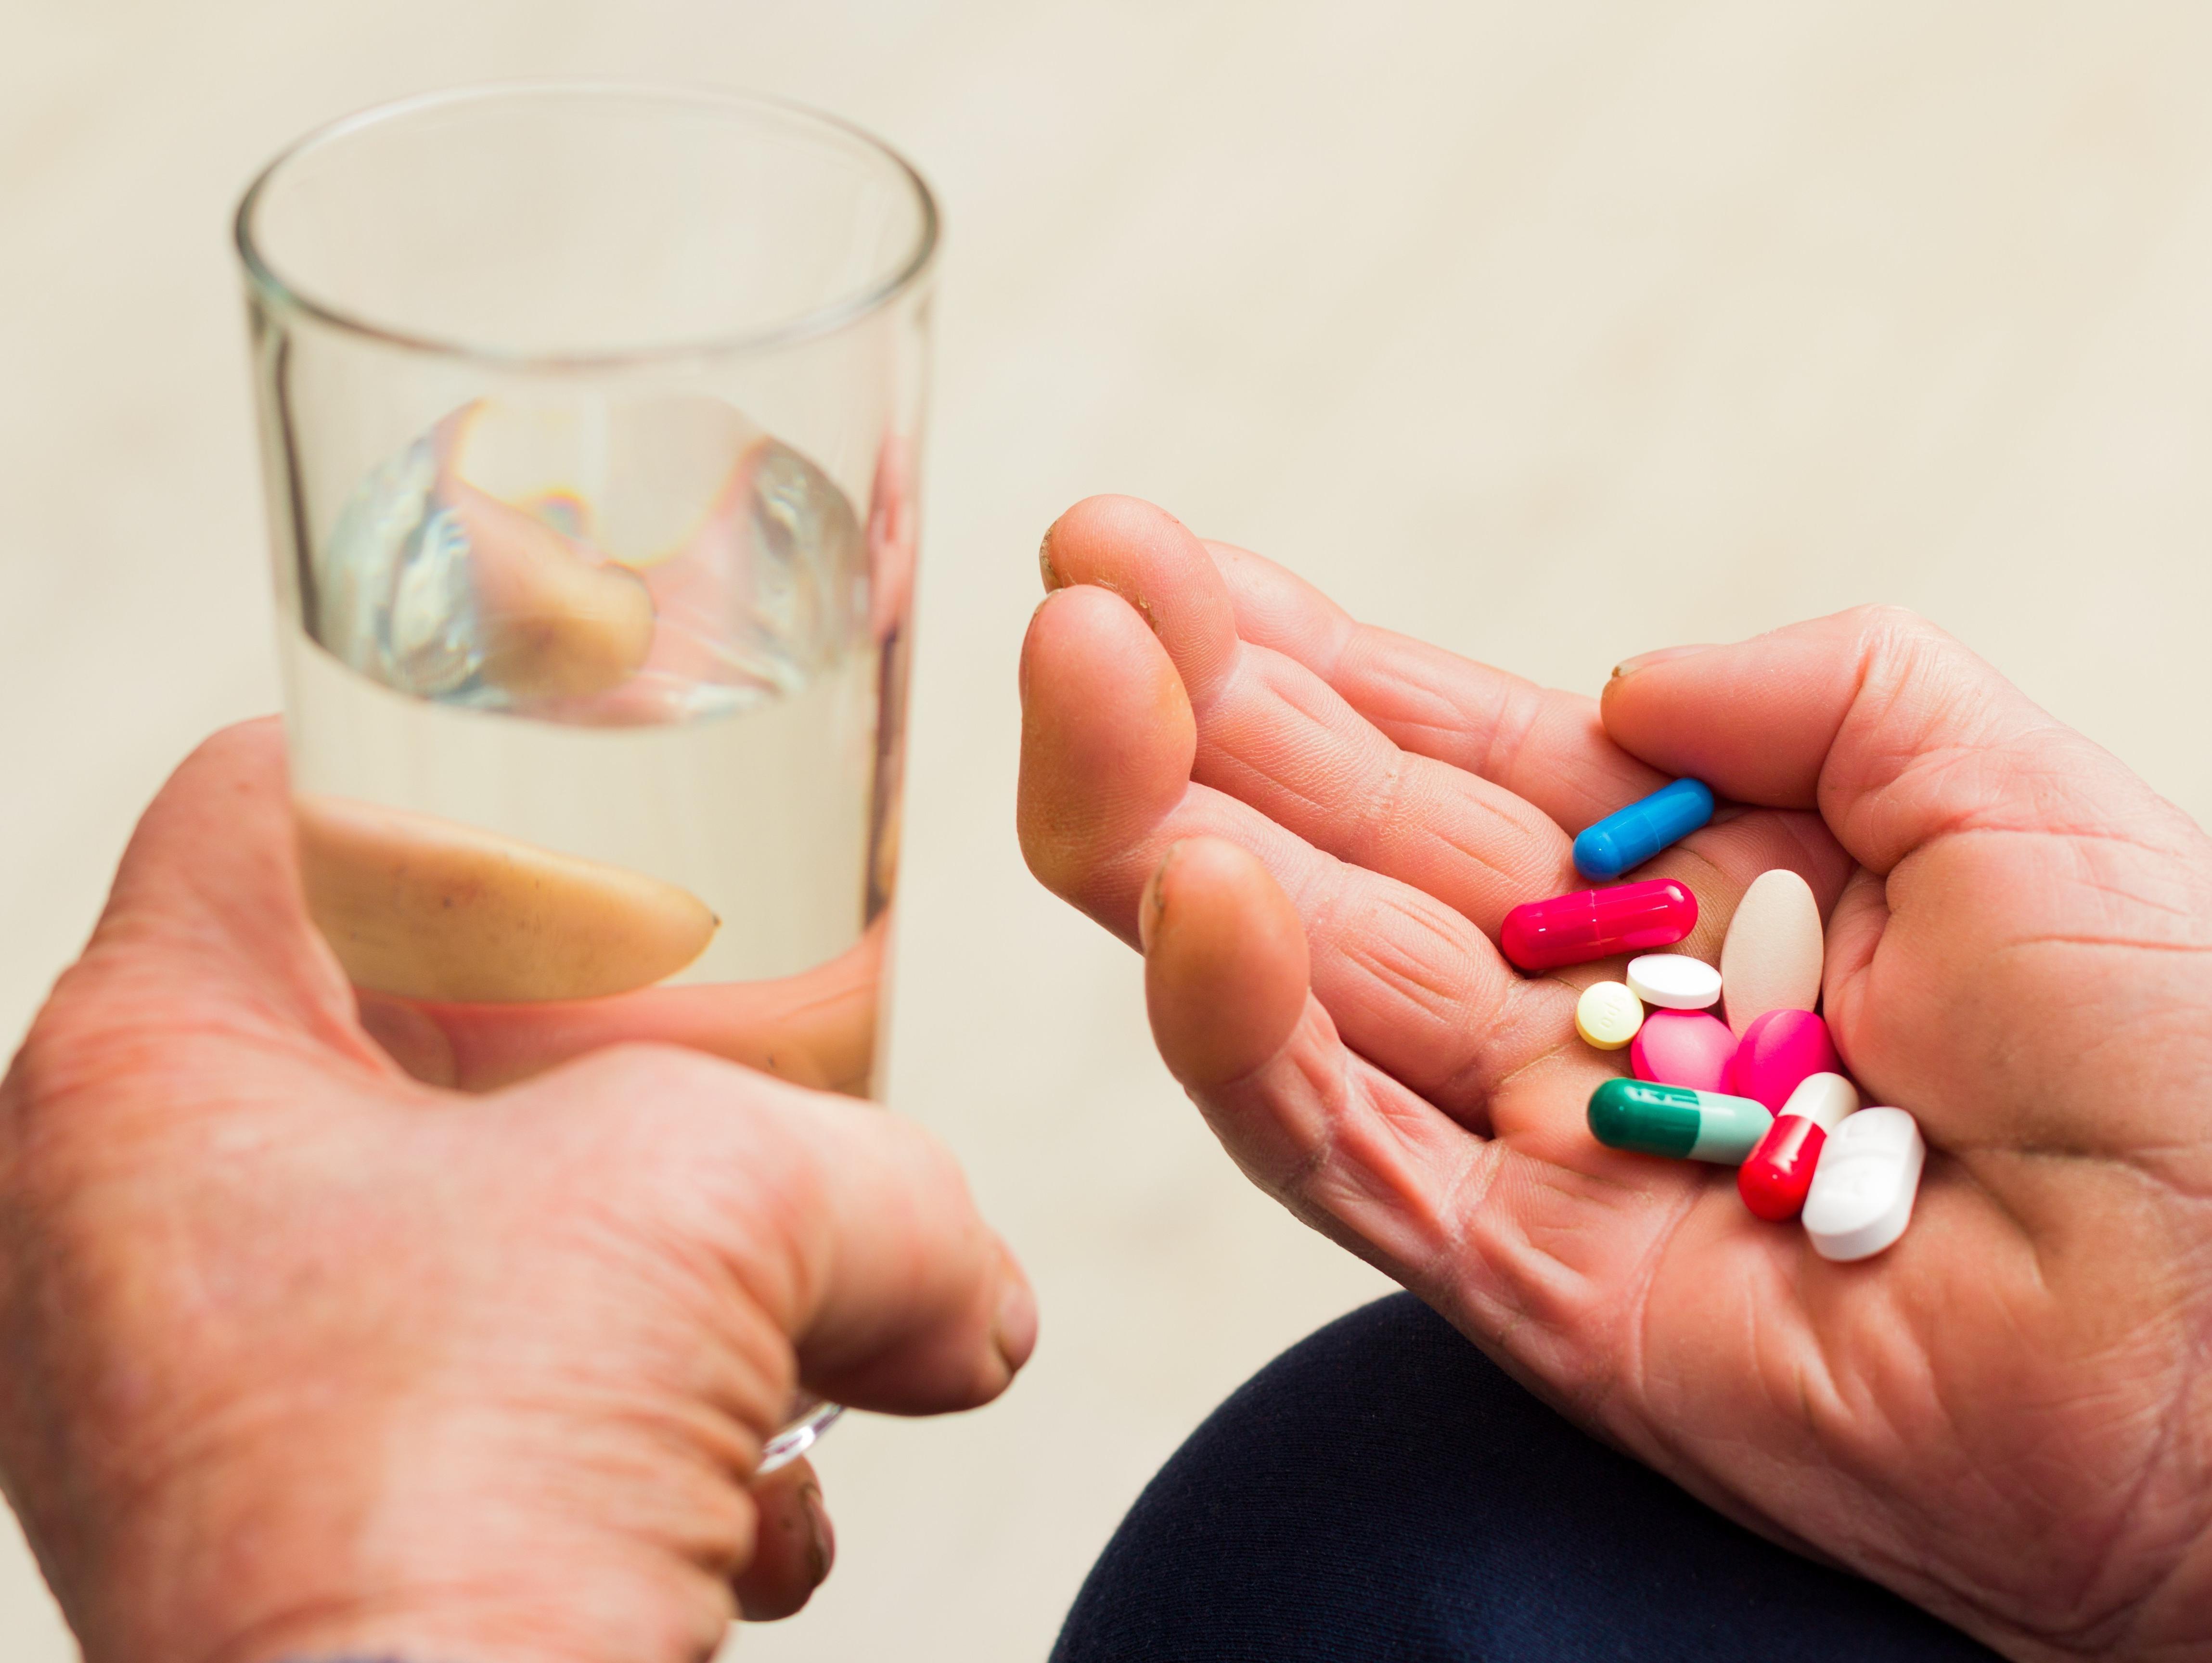 לוקחים ויטמינים כדי לשפר את בריאות הלב? זה מיותר